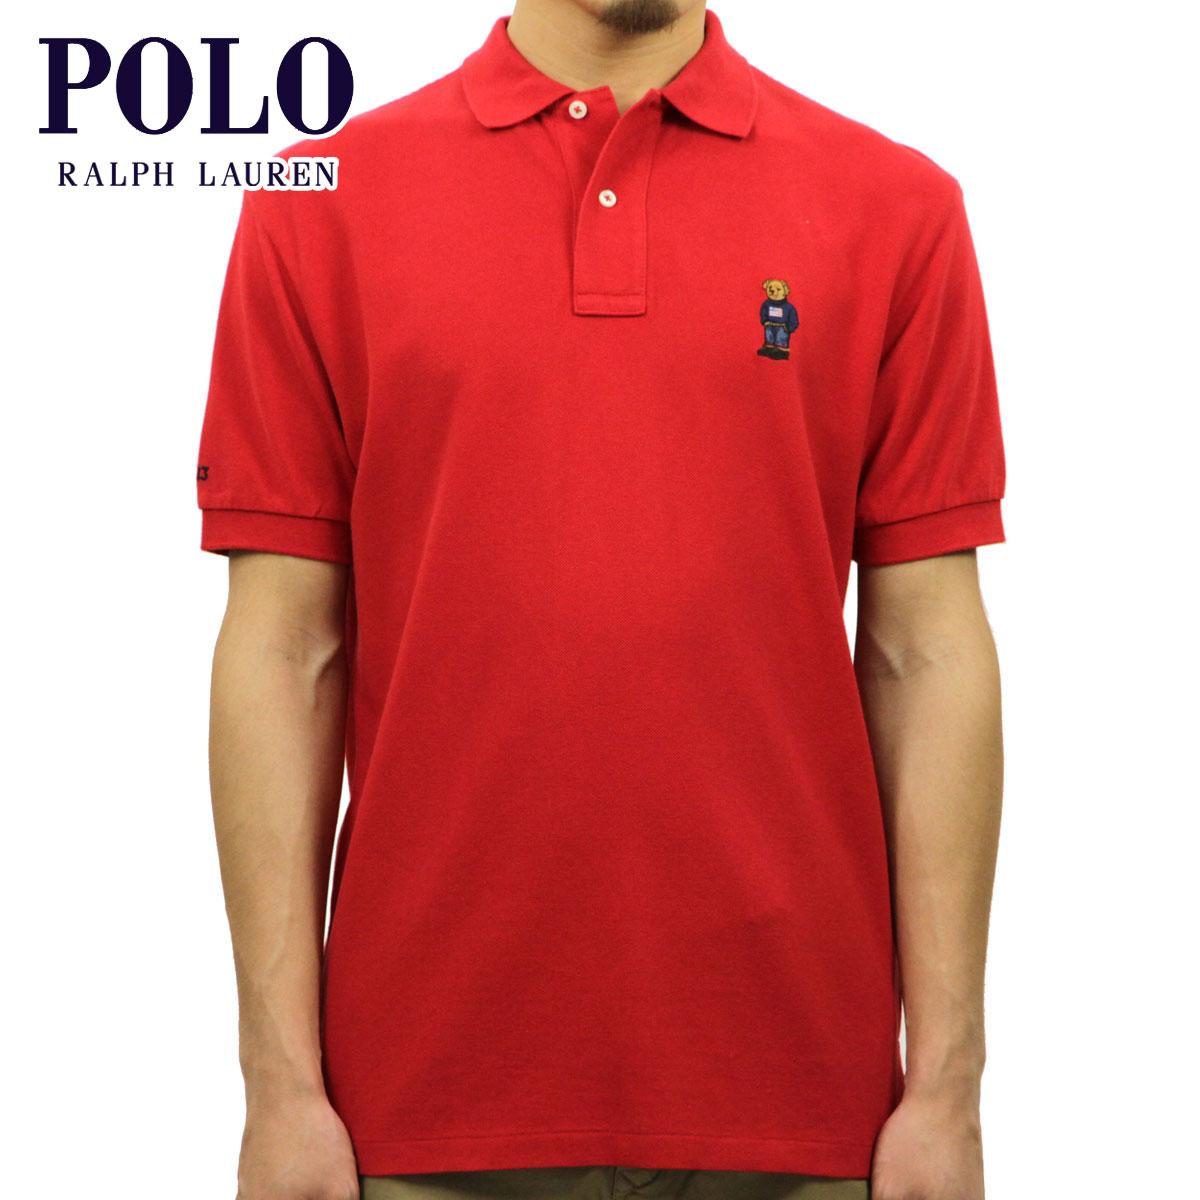 ポロ ラルフローレン POLO RALPH LAUREN 正規品 メンズ ポロシャツ Classic-Fit Short-Sleeve Bear Polos D20S30